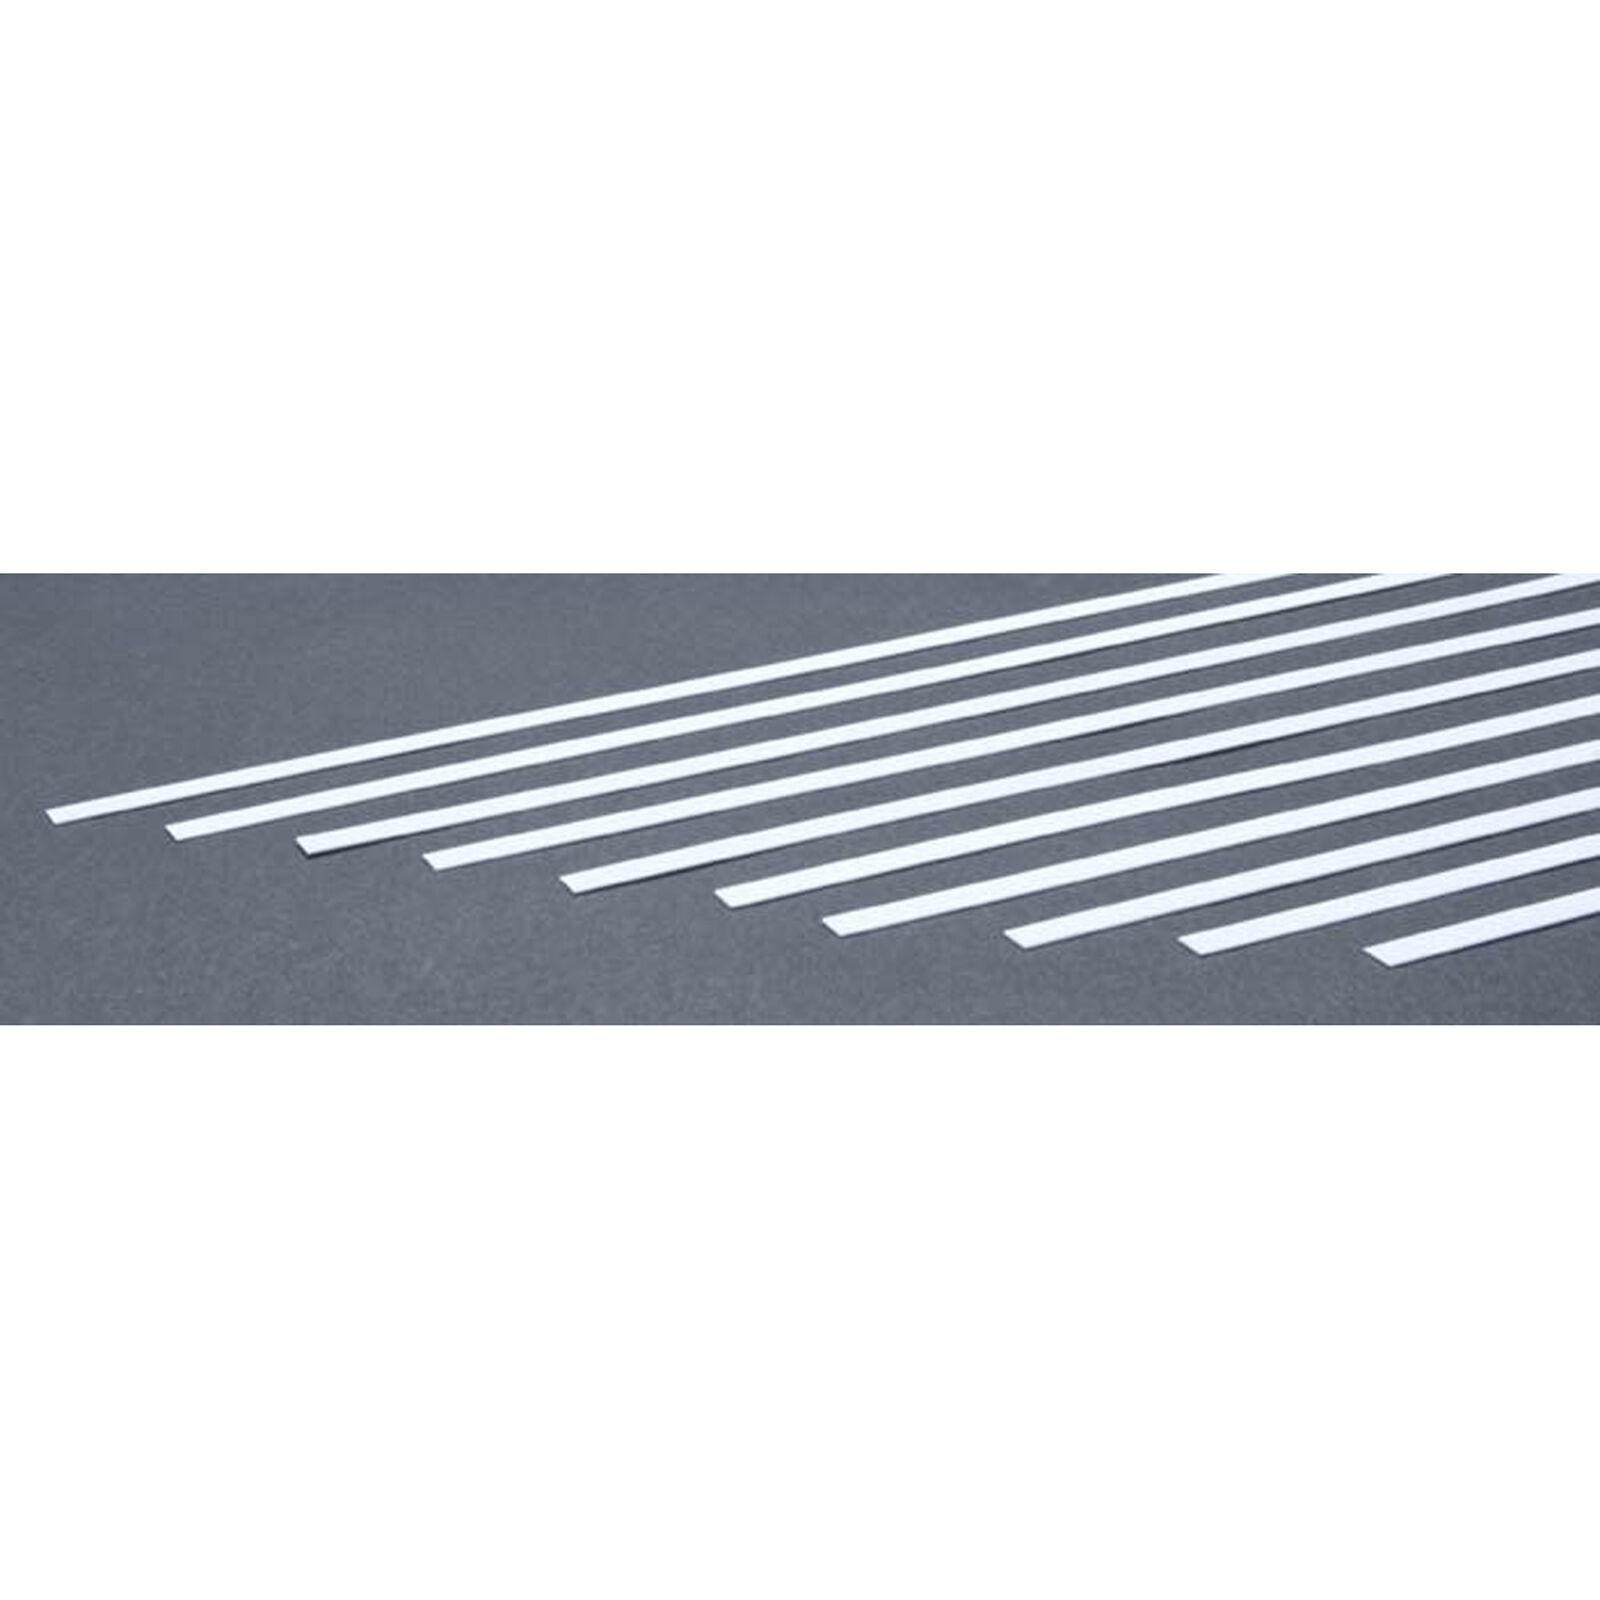 Strip .020 x .250 (10)